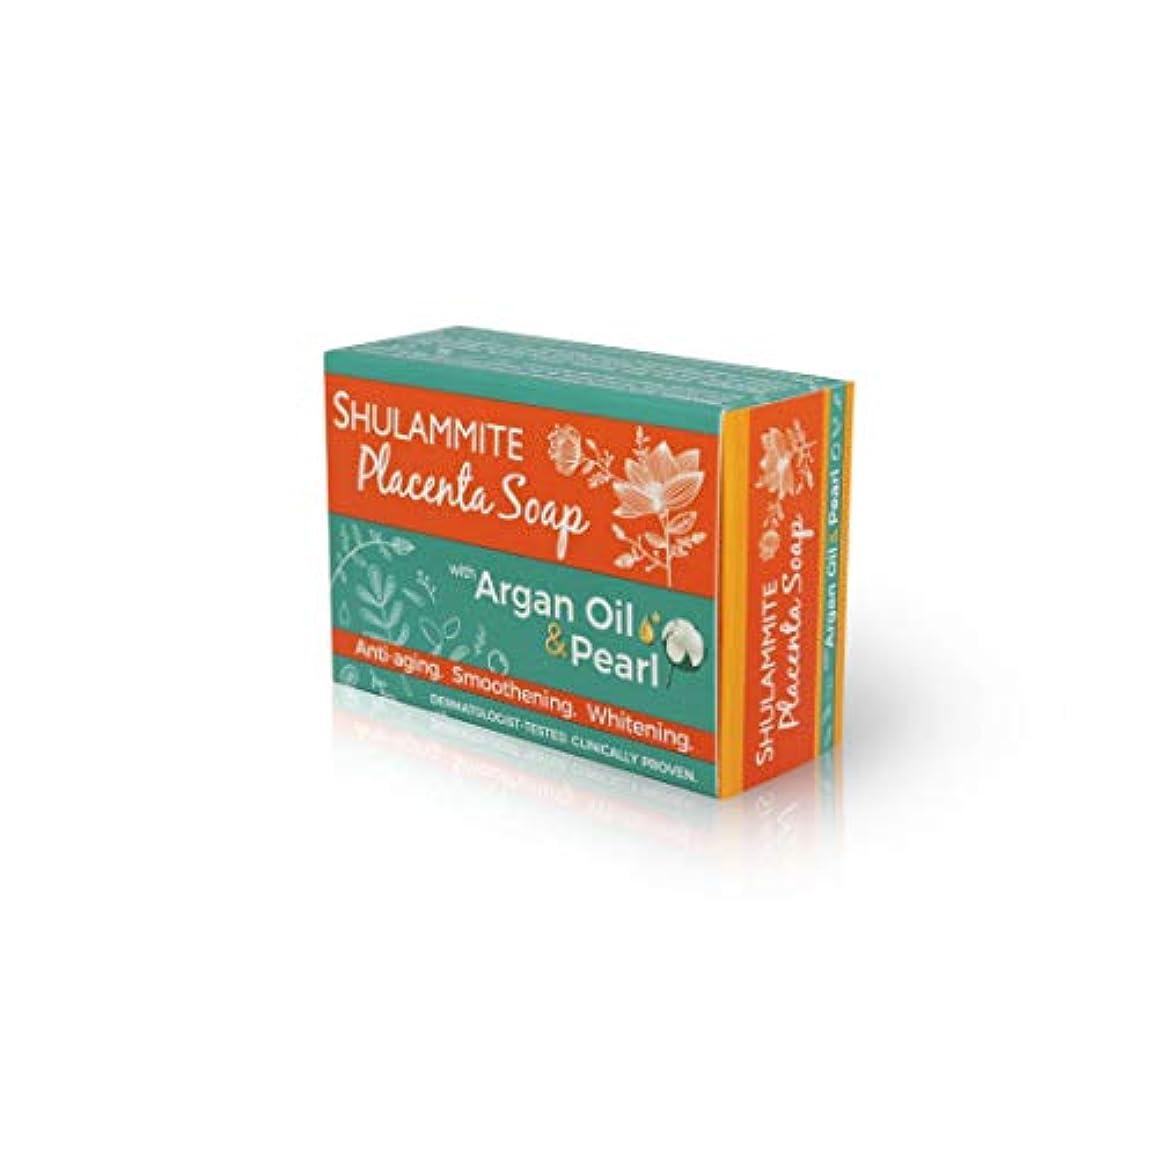 火山学者敬暴動SHULAMMITE Placenta Soap with Argan Oil & Pearl/アルガンオイル&パール配合ソープ150g